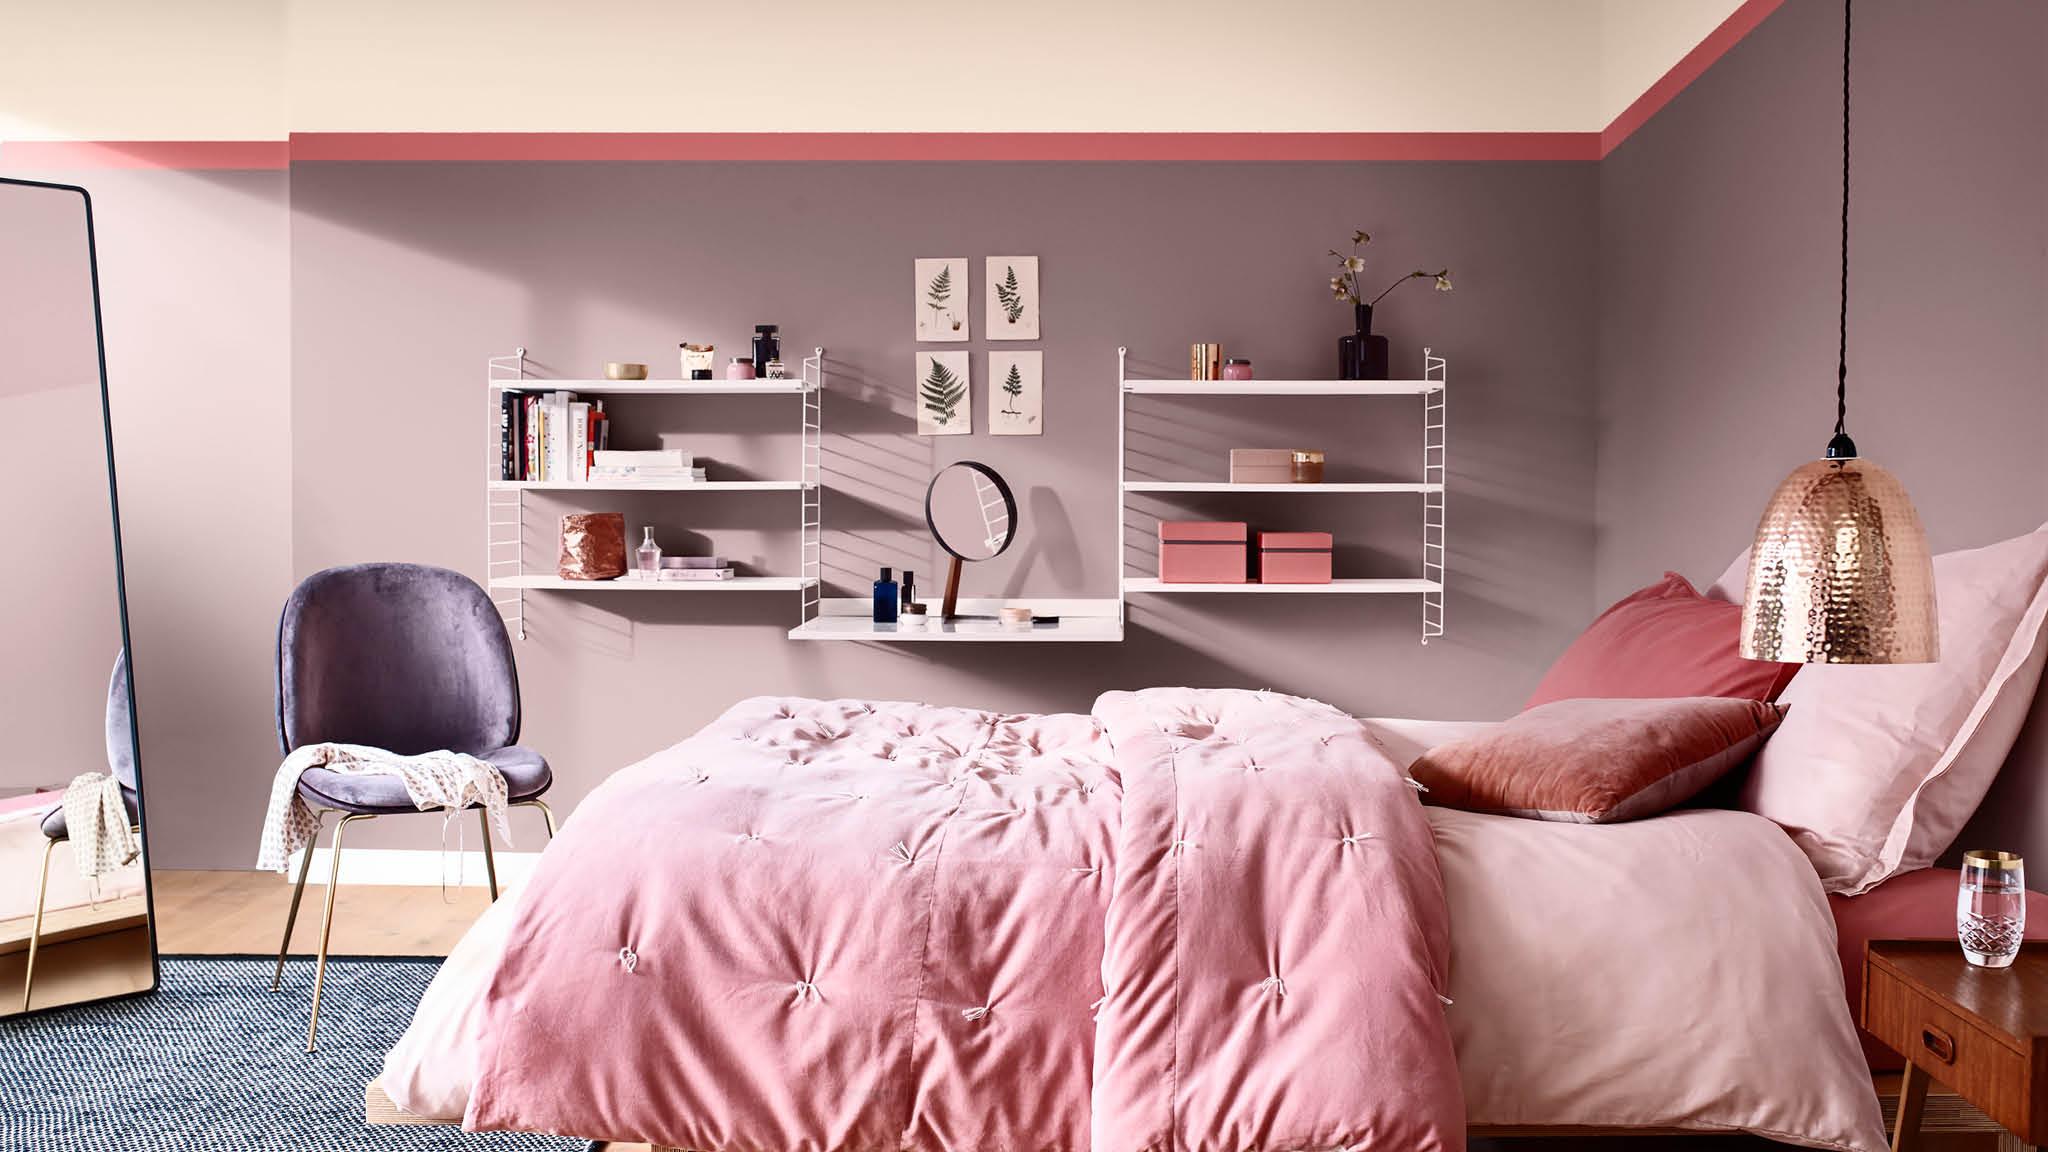 Full Size of Vier Mglichkeiten Schimmel Im Schlafzimmer Romantische Rauch Günstig Günstige Komplett Poco Set Teppich Eckschrank Wohnzimmer Schlafzimmer Gestalten